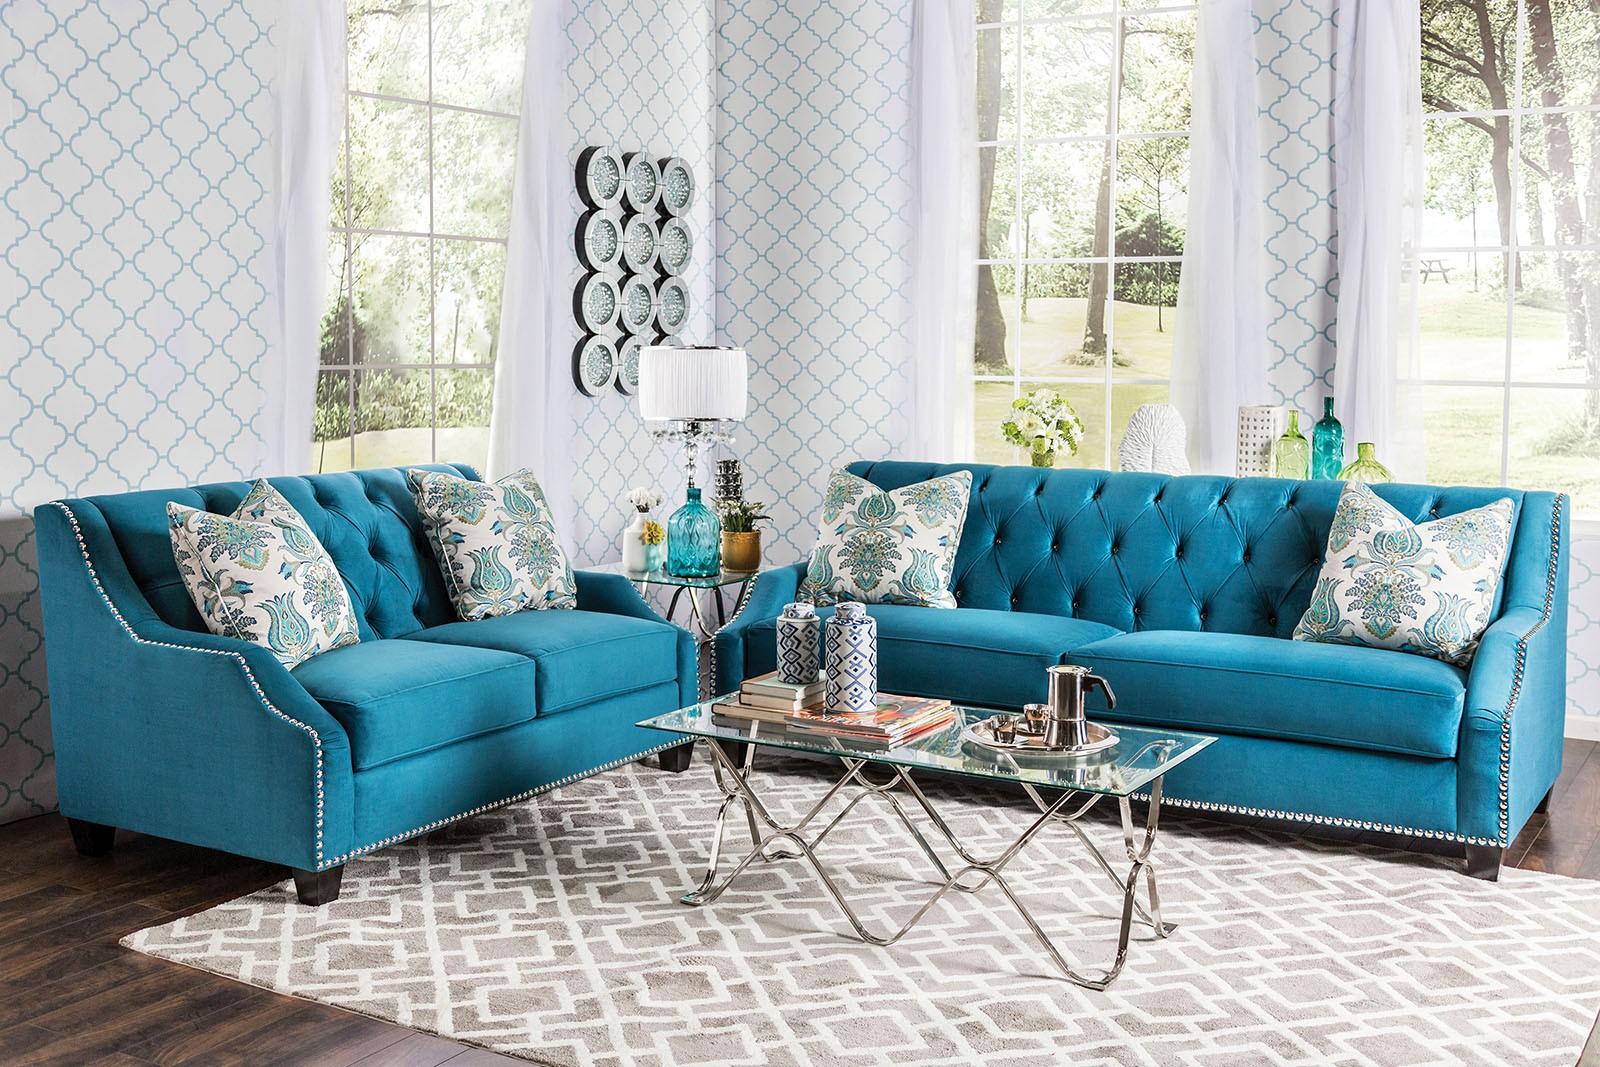 celeste azure blue living room set sm2226 sf furniture of america. Black Bedroom Furniture Sets. Home Design Ideas